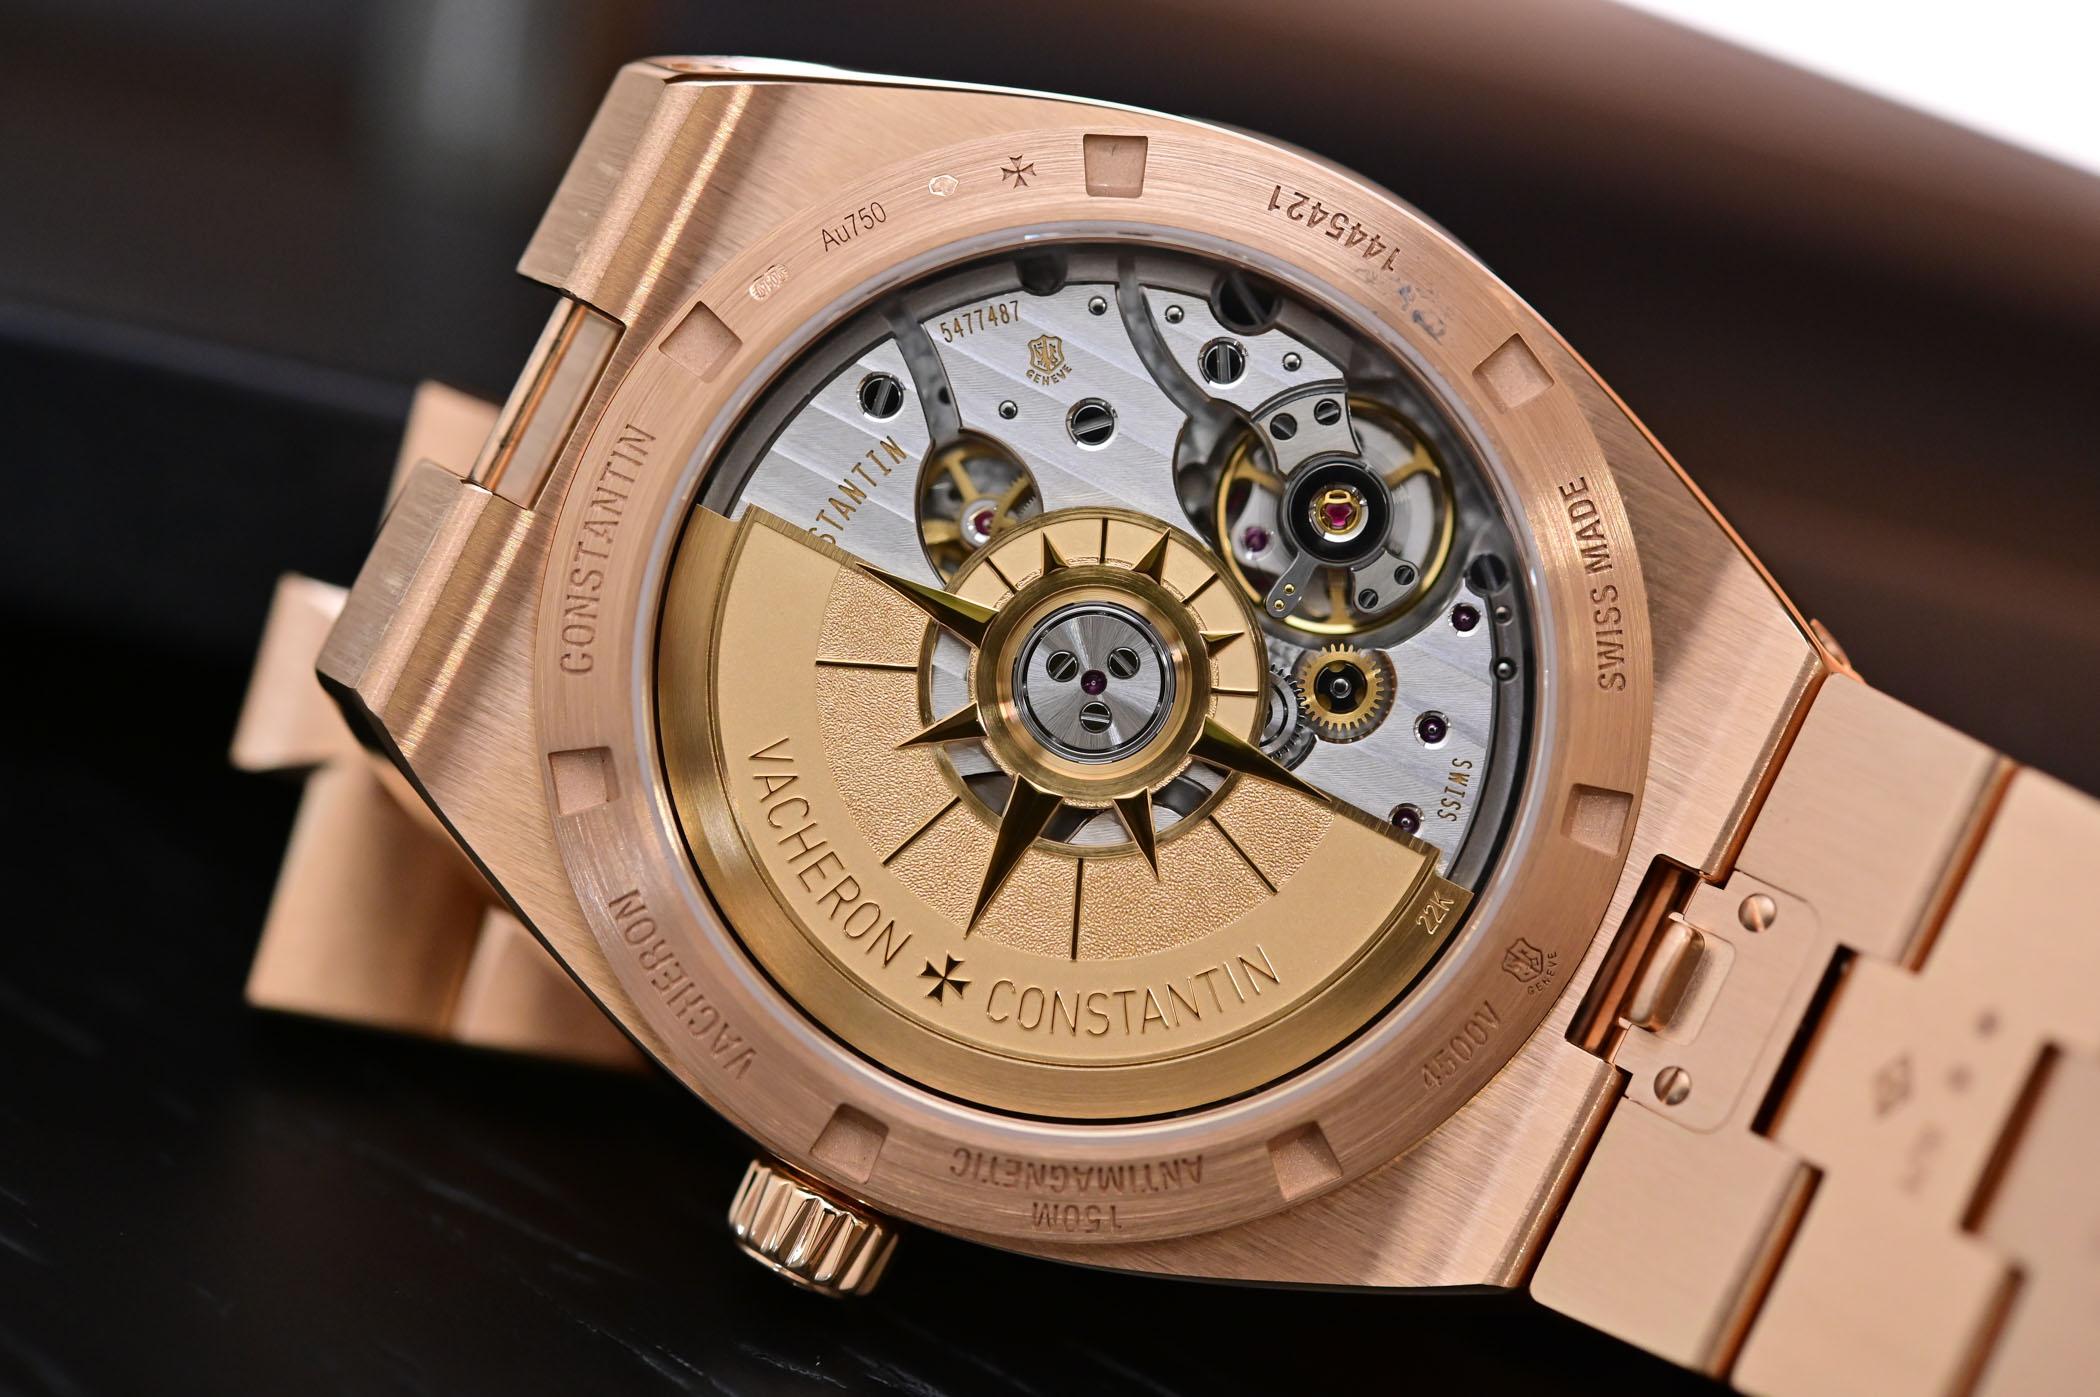 https://k8q7r7a2.stackpathcdn.com/wp-content/uploads/2020/09/Vacheron-Constantin-Overseas-Self-Winding-4500V-Pink-Gold-Blue-Dial-2020-4.jpg